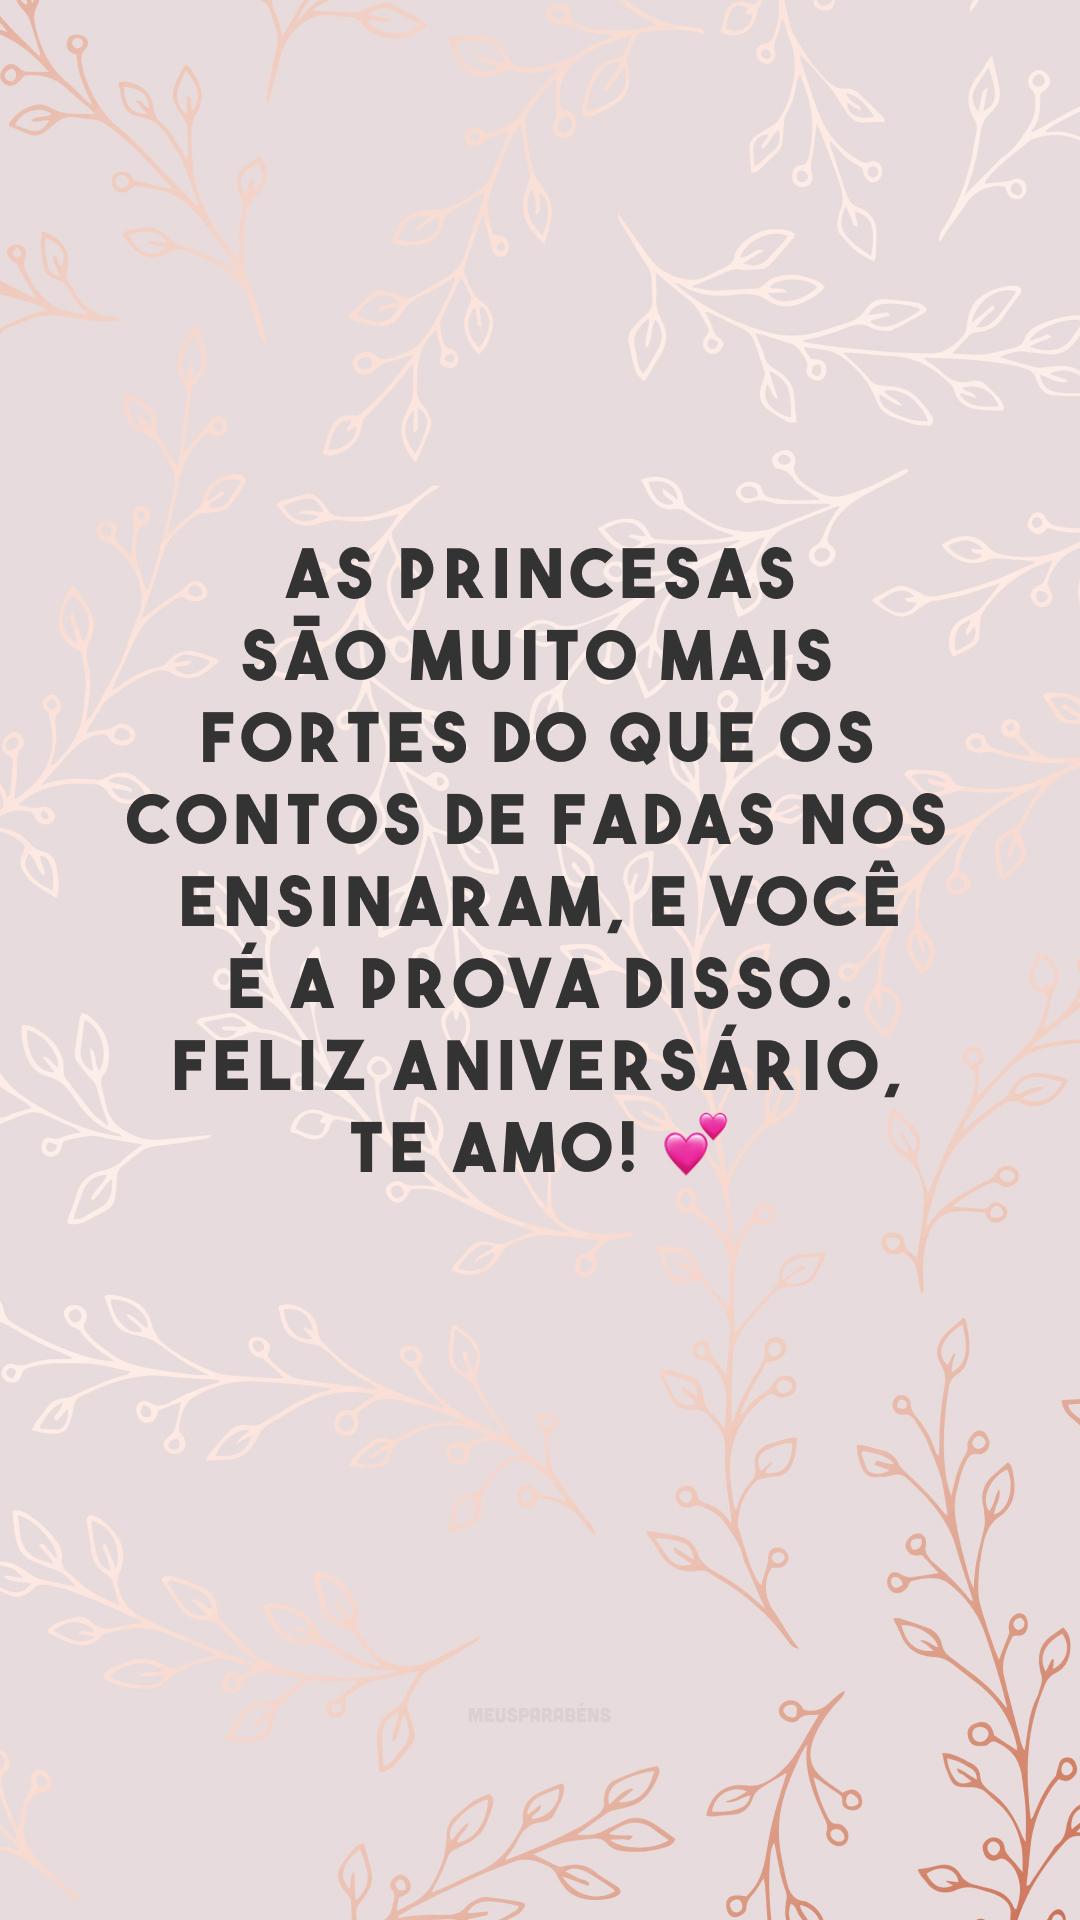 As princesas são muito mais fortes do que os contos de fadas nos ensinaram, e você é a prova disso. Feliz aniversário, te amo! 💕